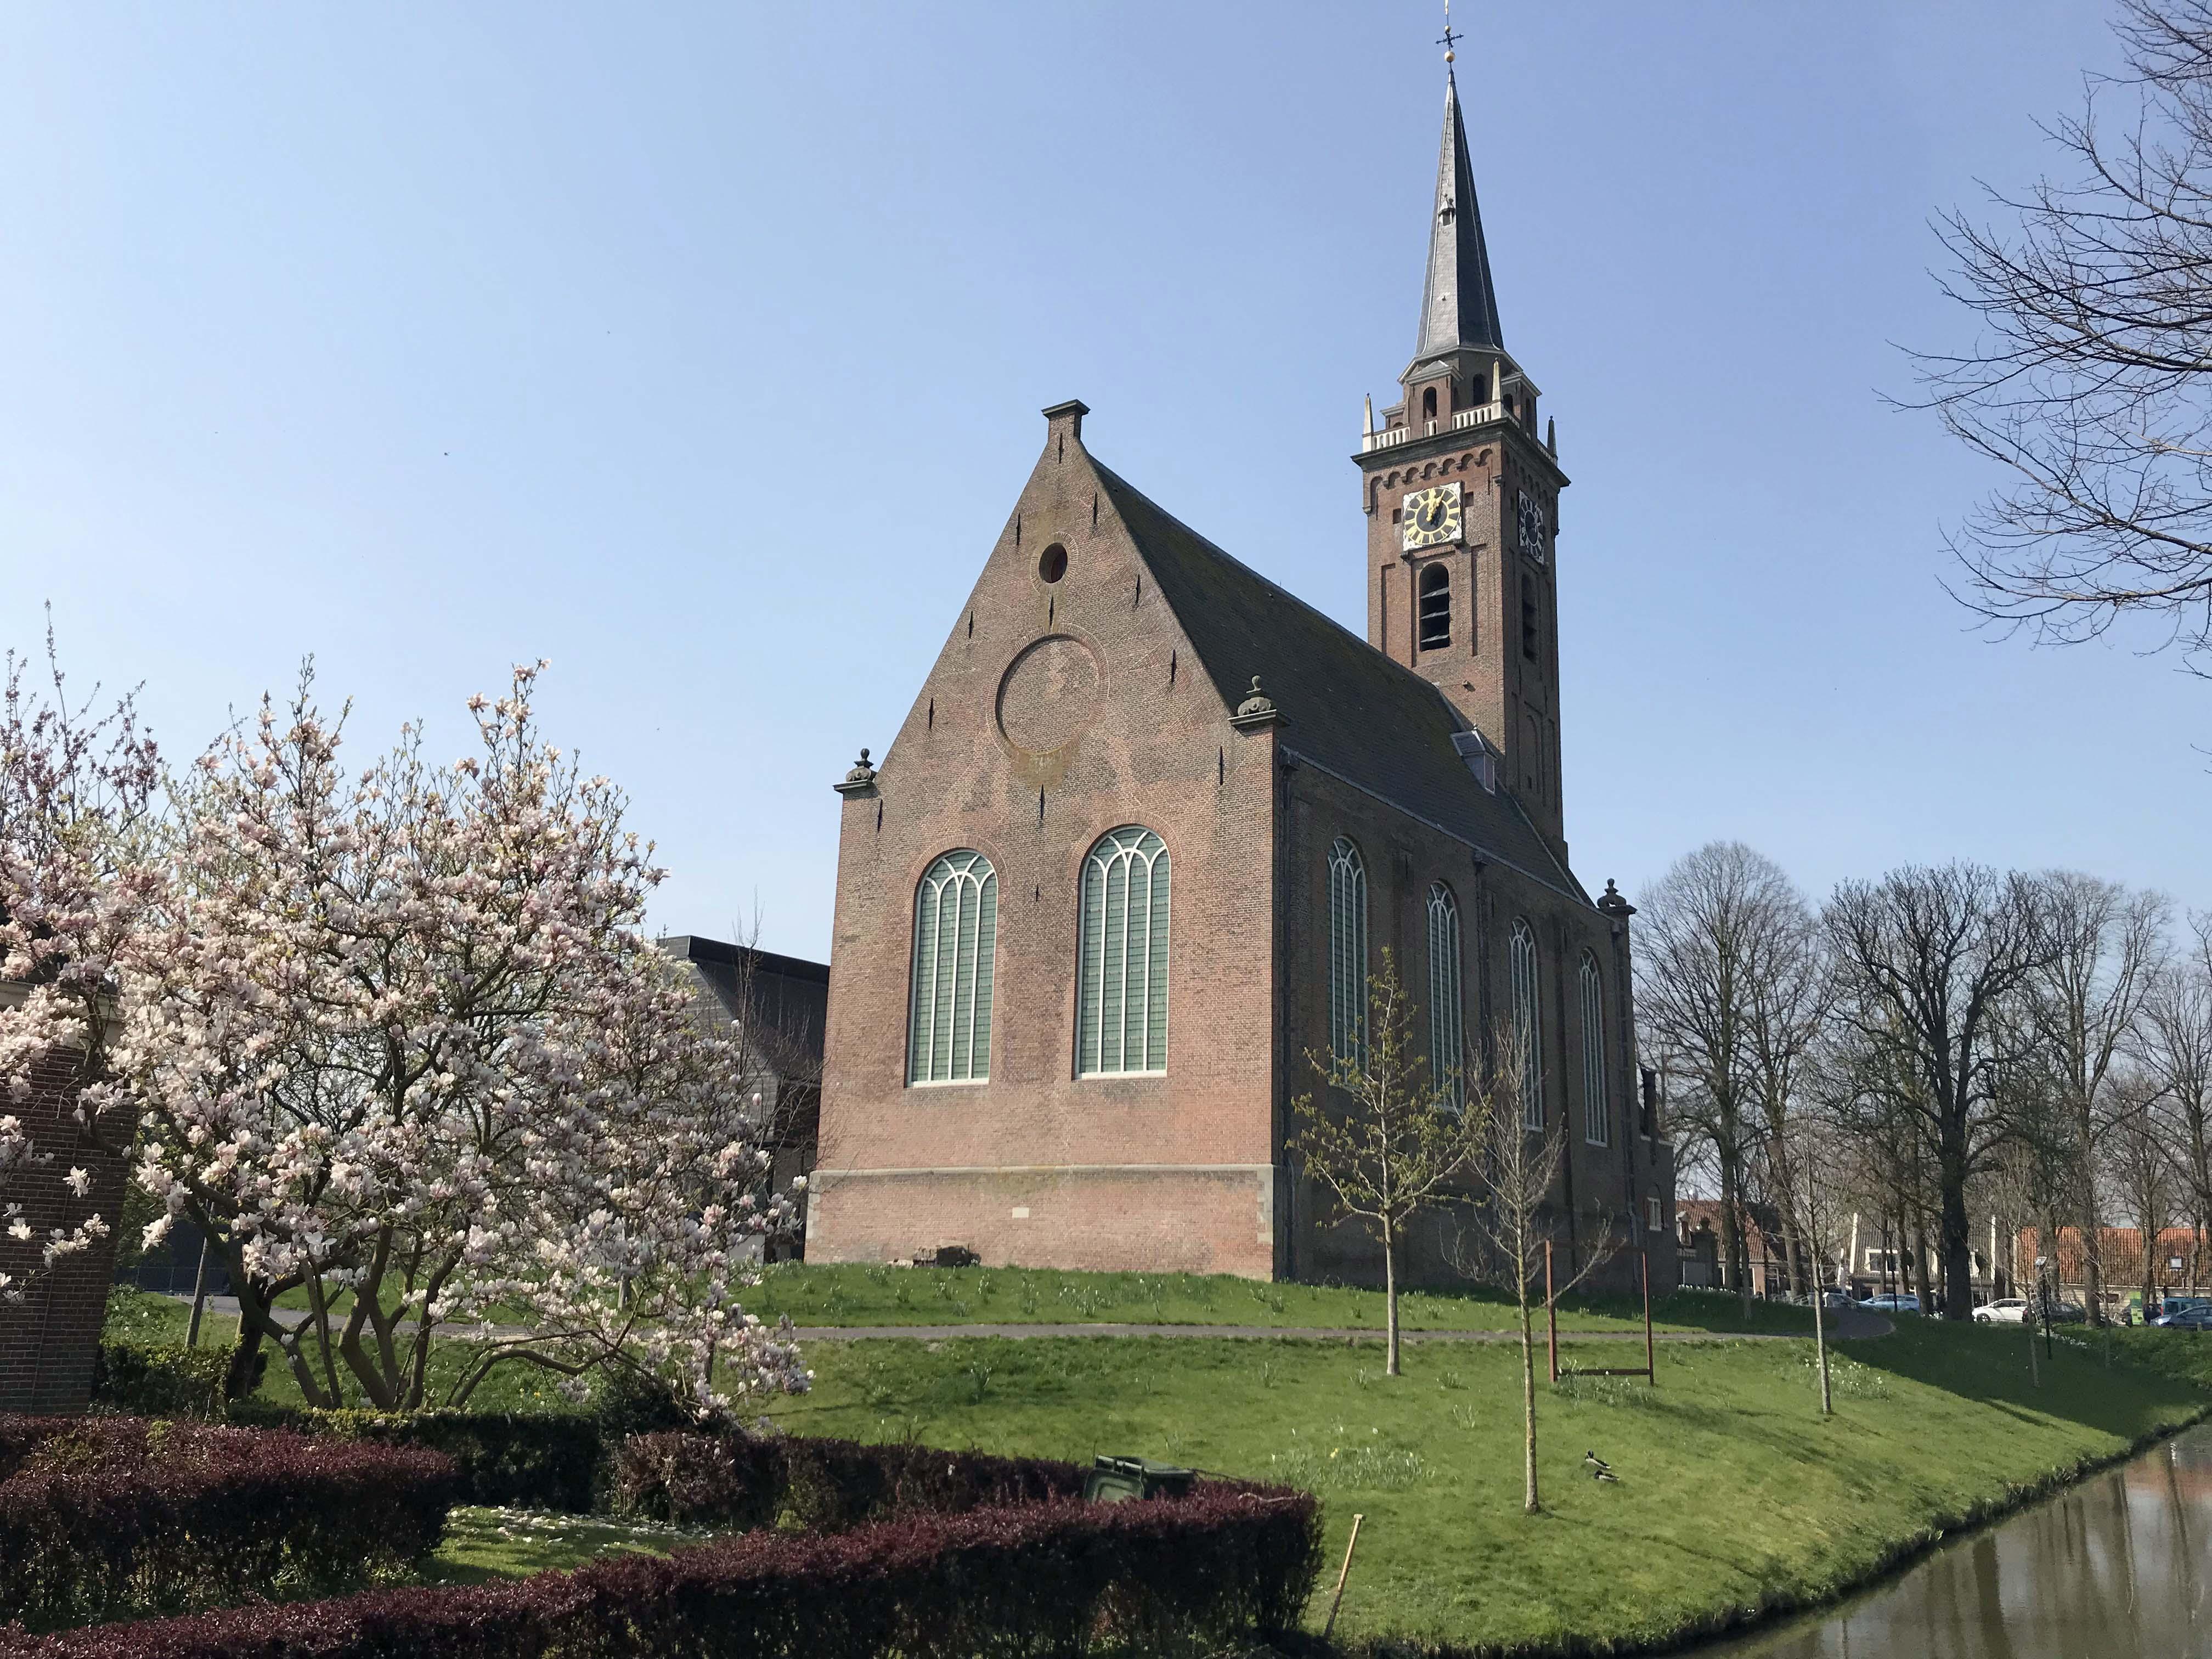 Middenbeemster in de race voor verkiezing 'Mooiste dorp van Nederland'